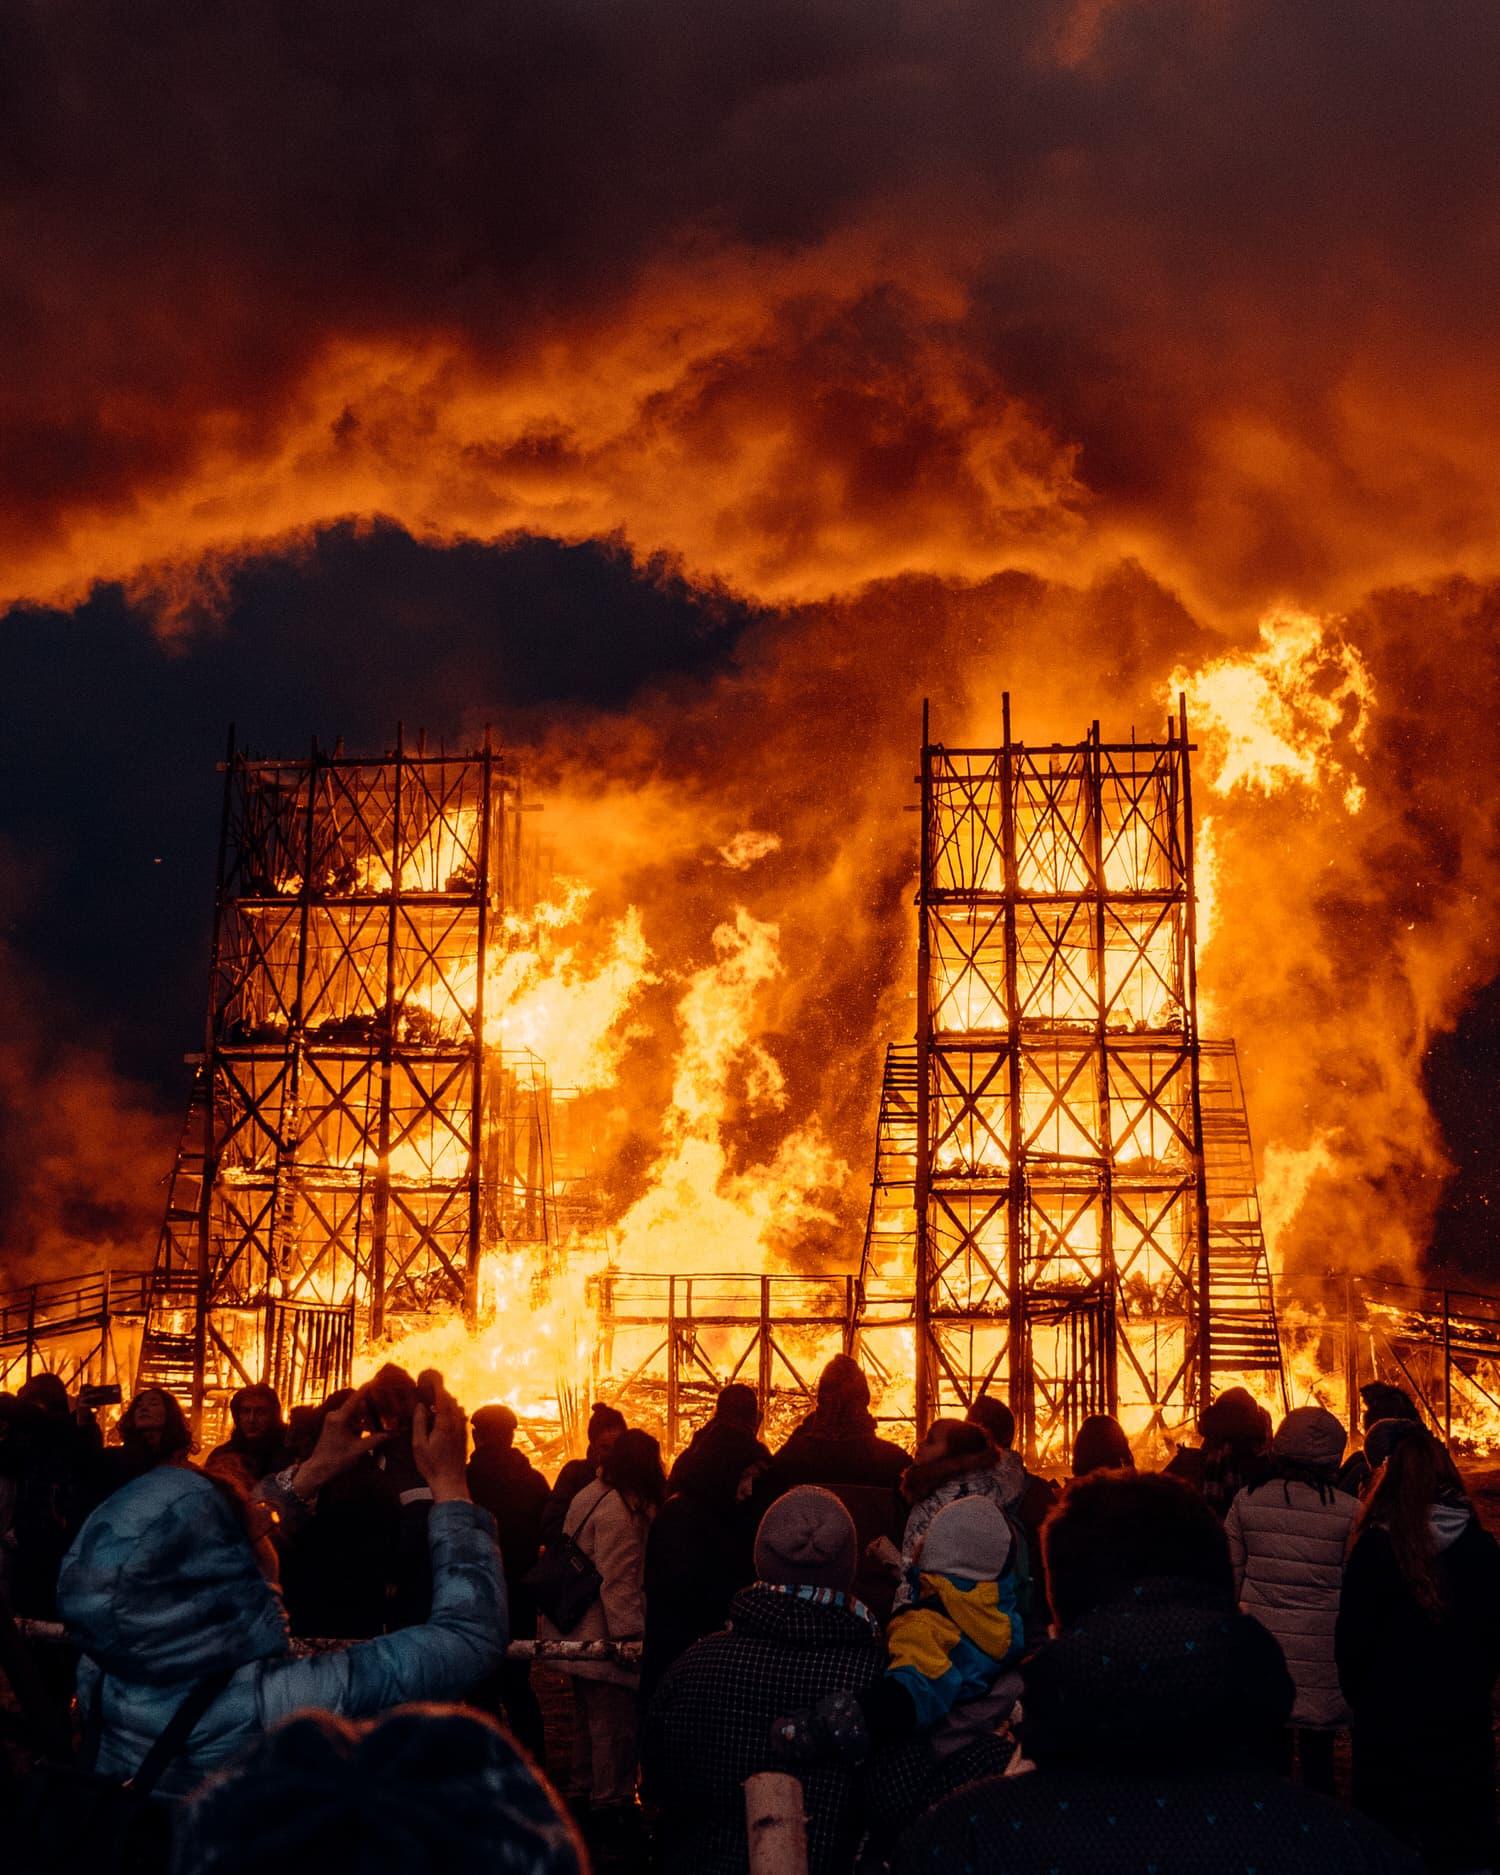 Katarsis, Burning Bridges Installation in Russia, Photo Rustam Shagimordanov   Yellowtrace